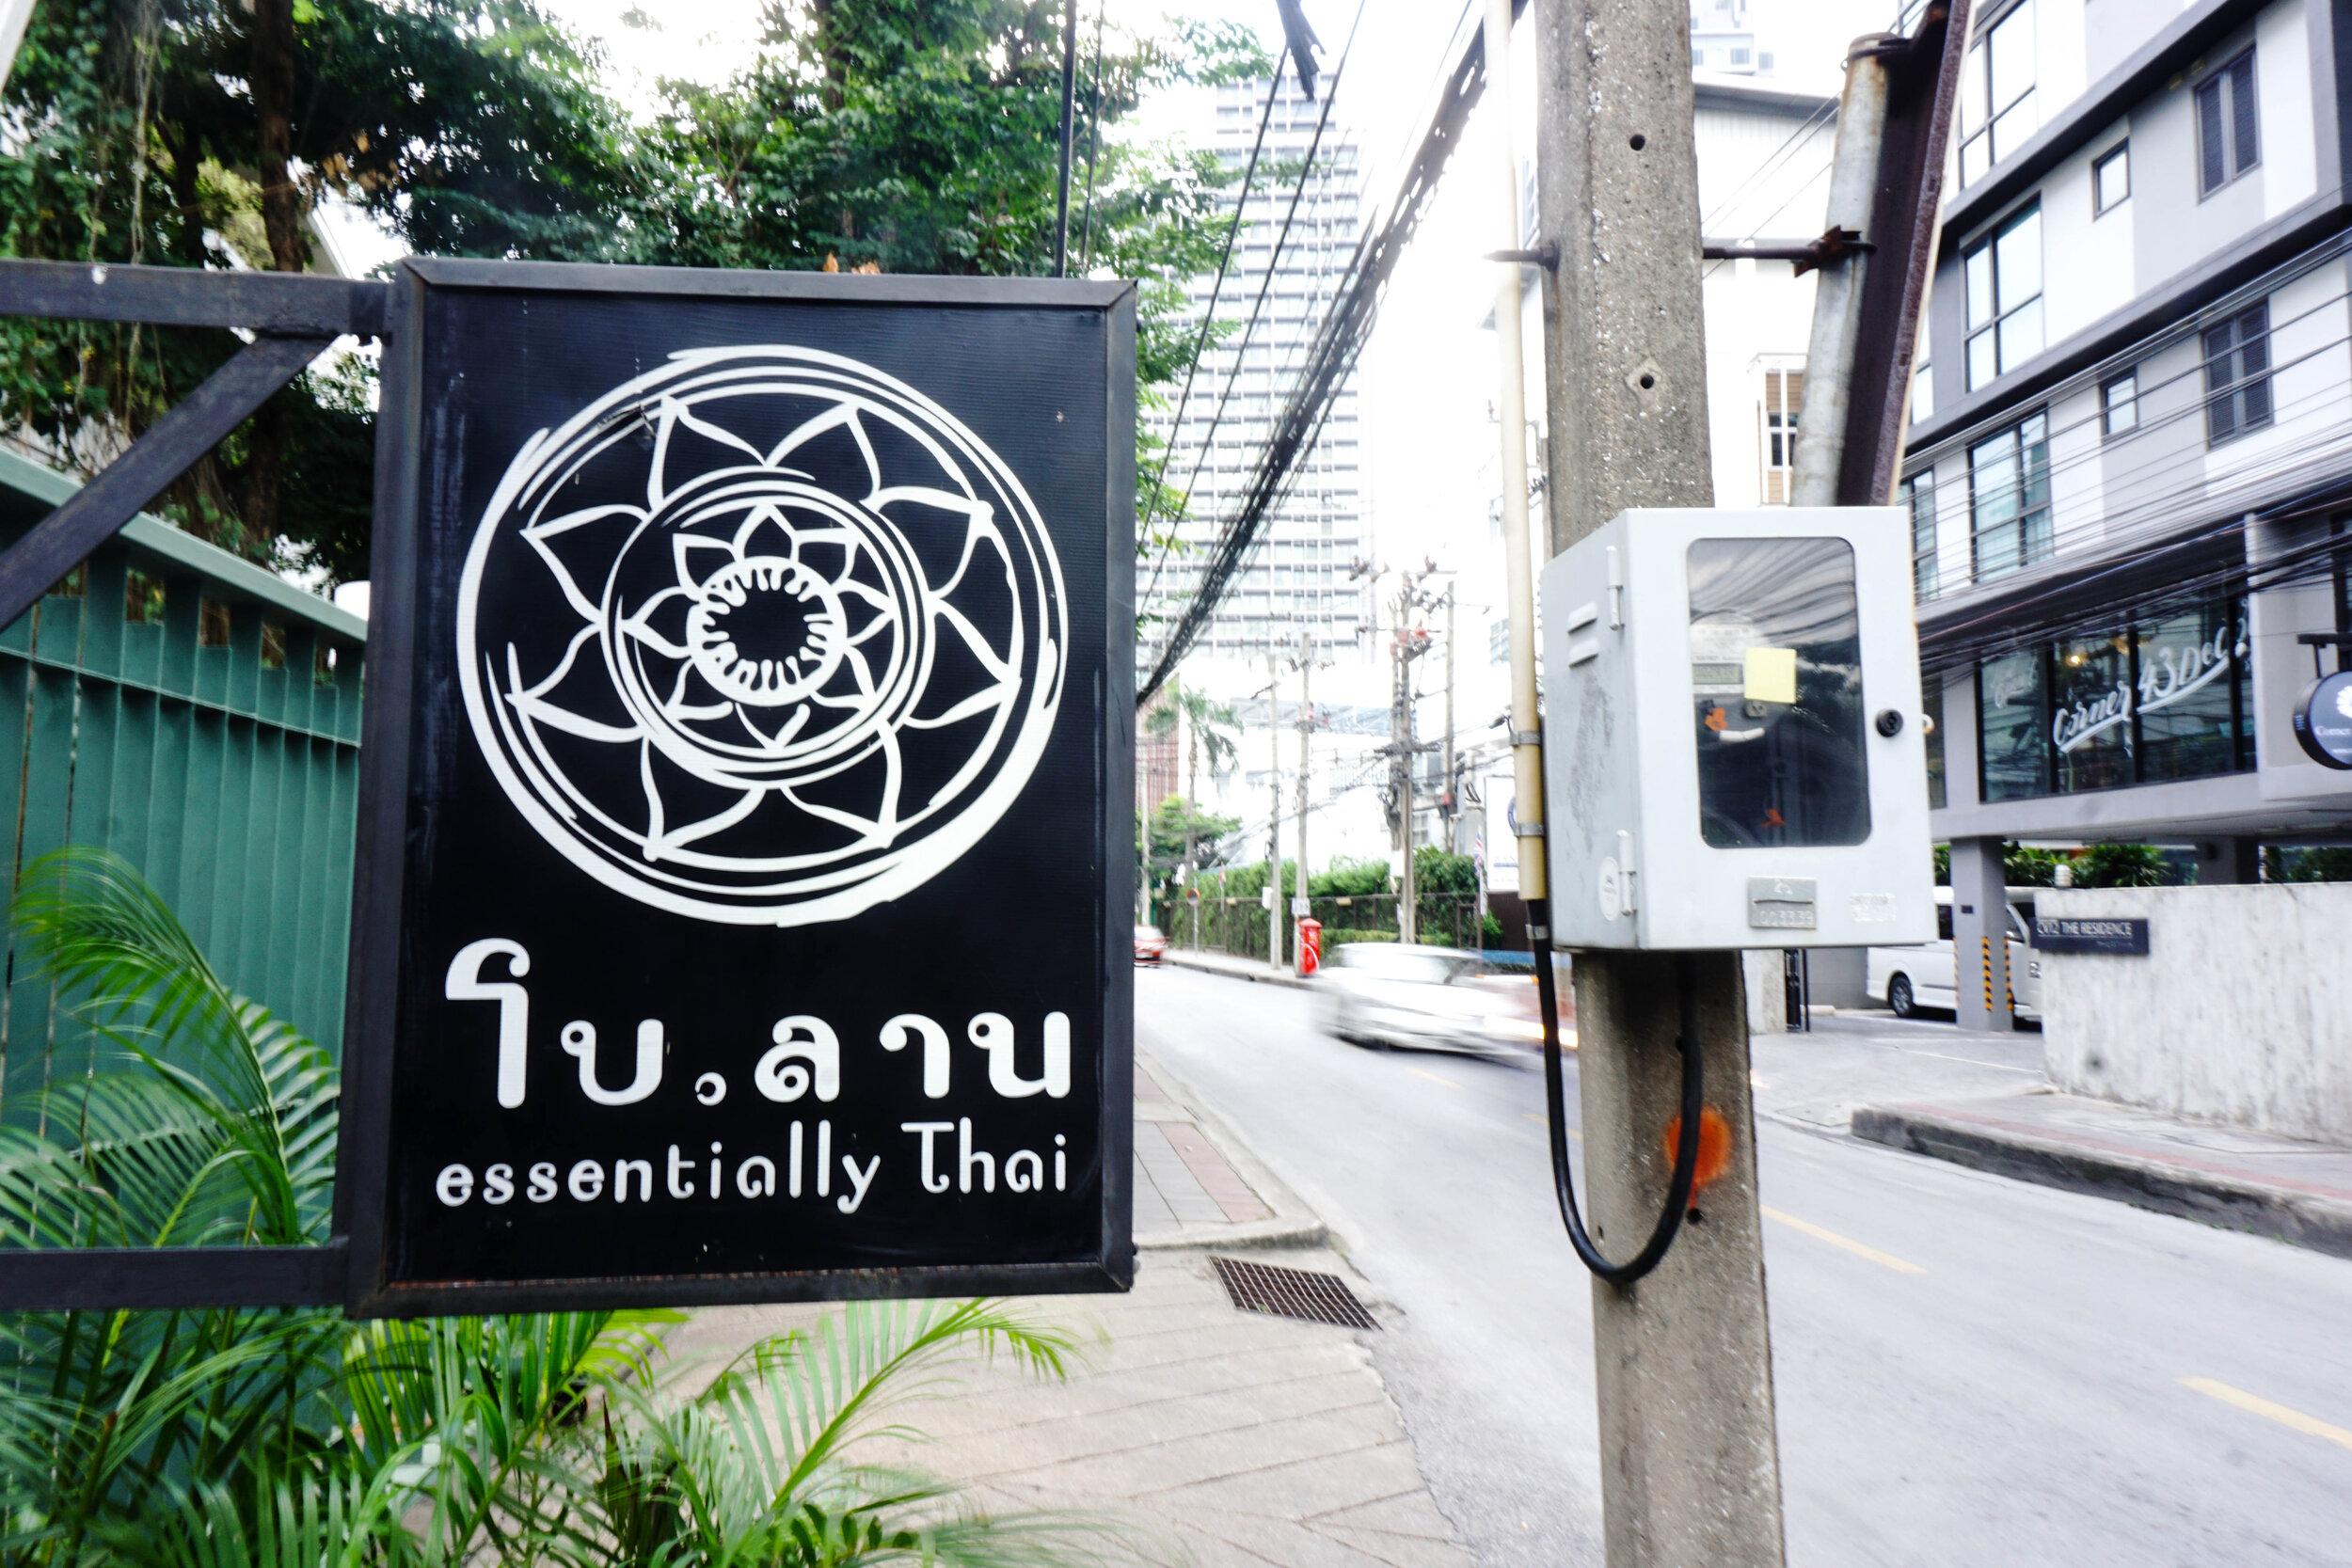 Bo.lan Edible Garden: The restaurant entrance in Thonglo, Bangkok